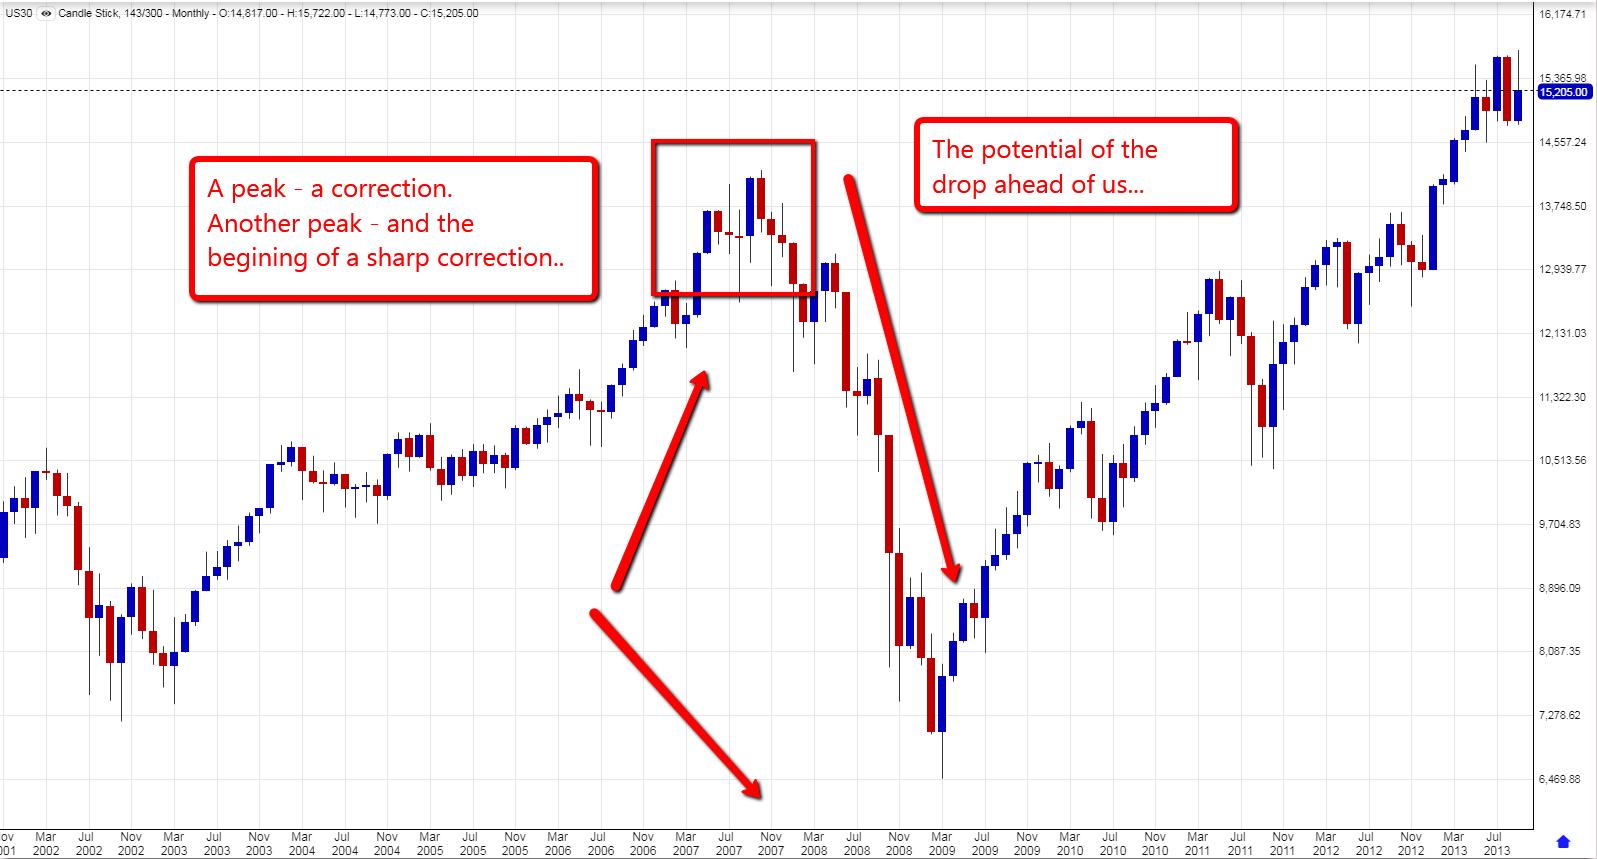 Dow Jones monthly chart - 2008 crisis